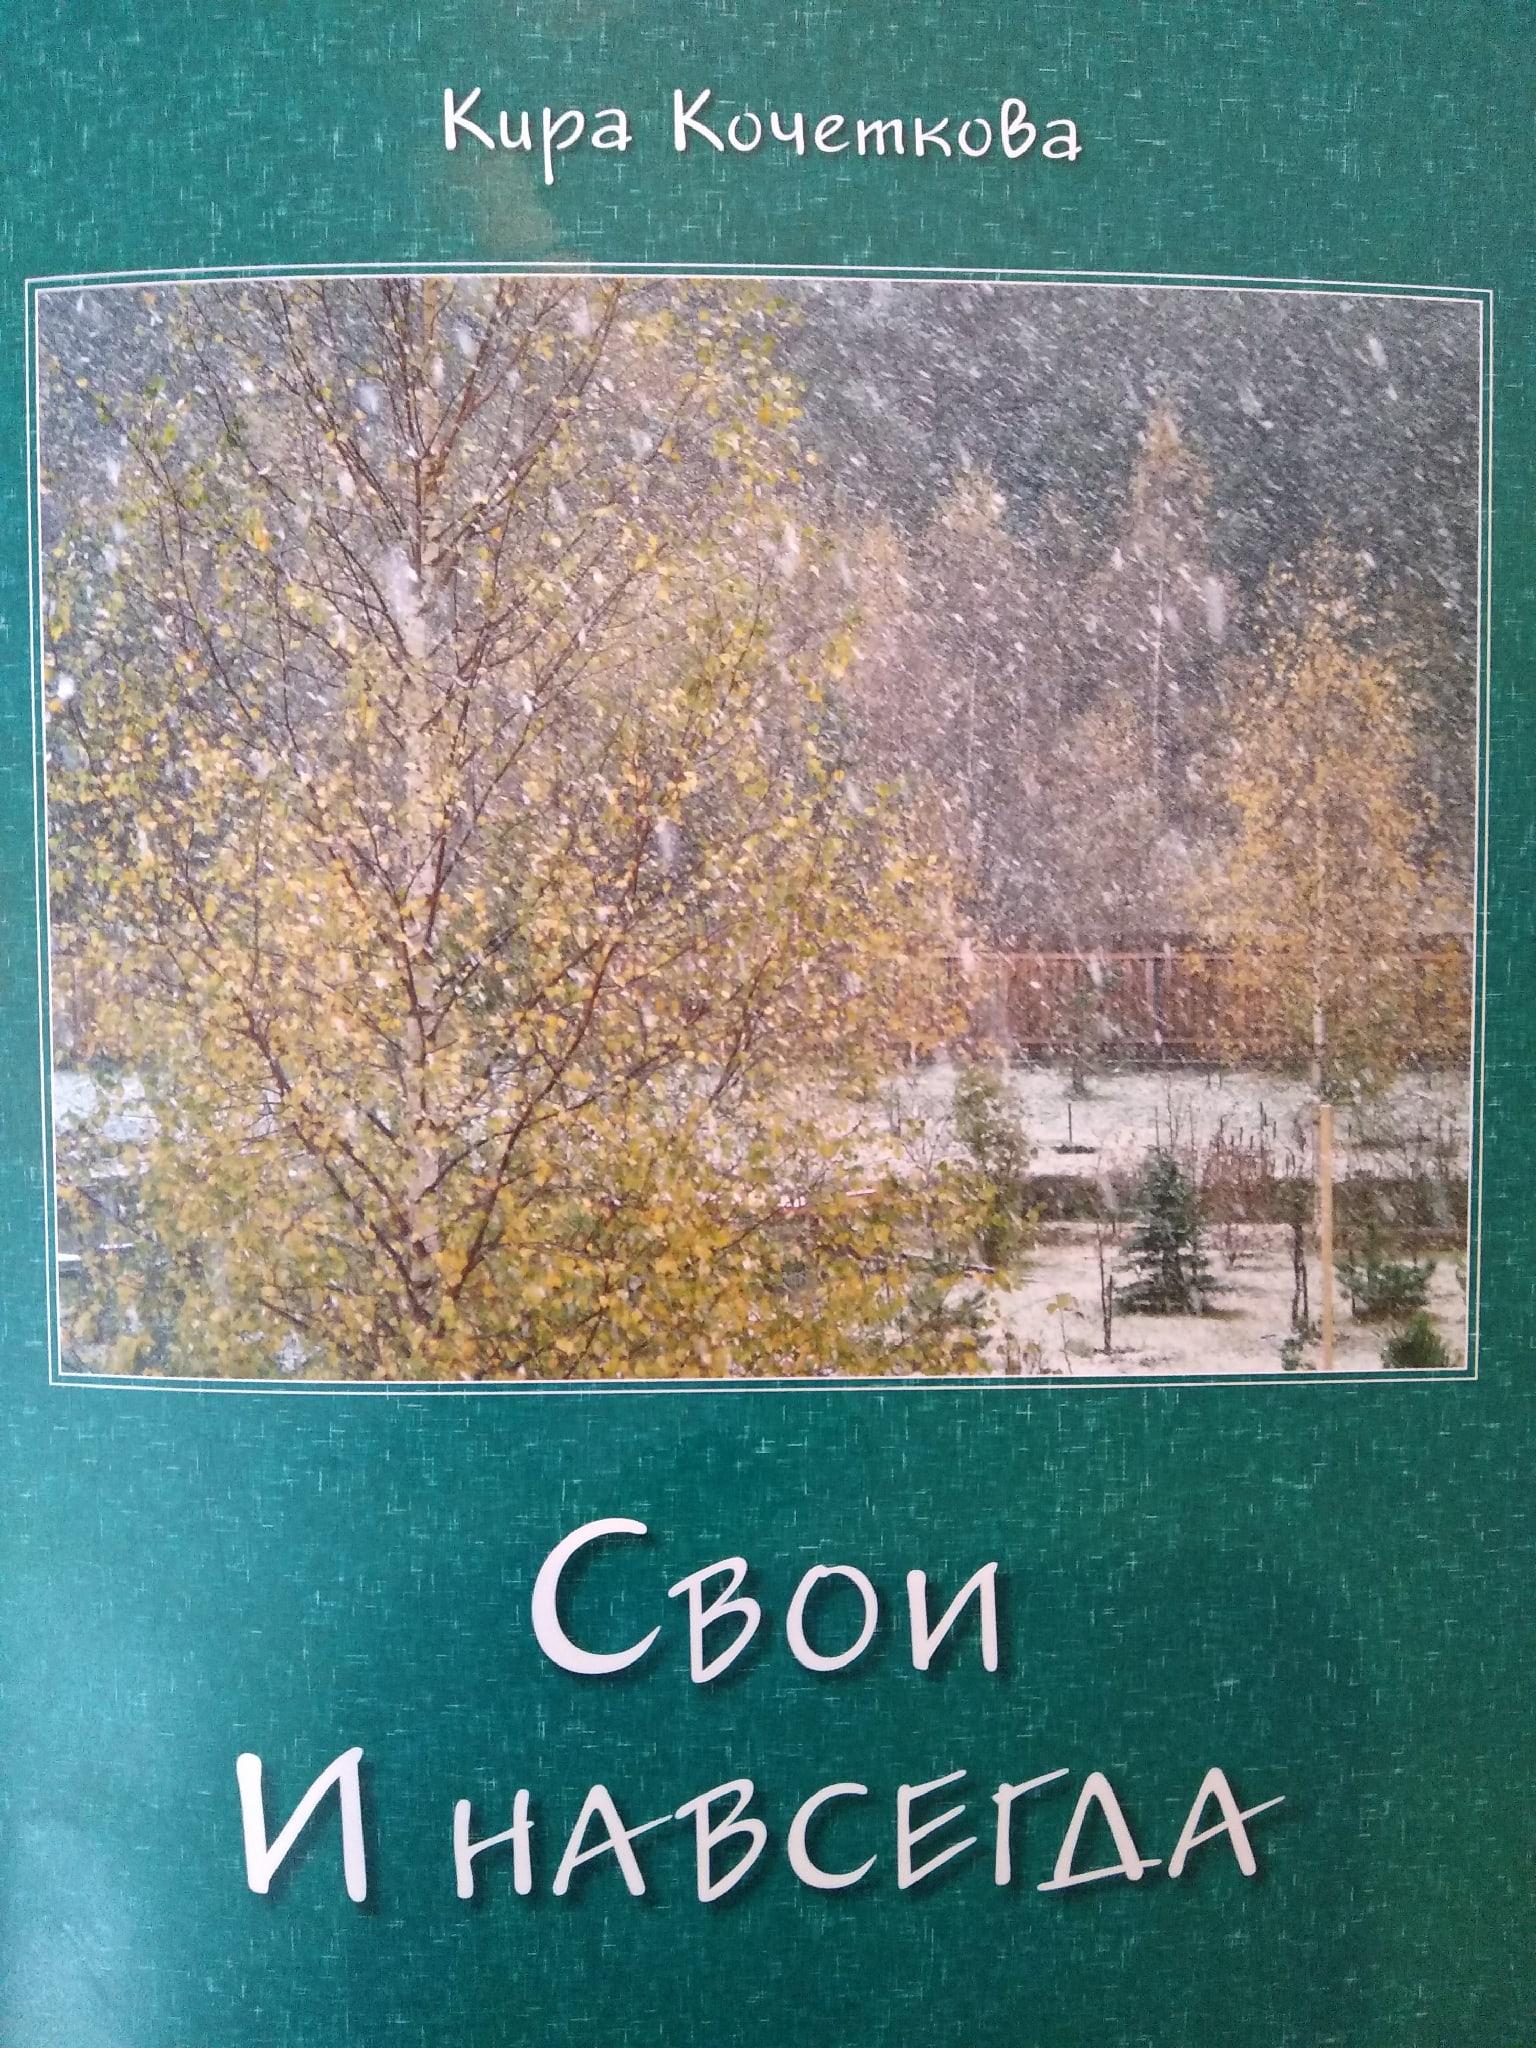 """Человек-эпоха: Кира Кочеткова выпустила книгу """"Свои и навсегда"""""""